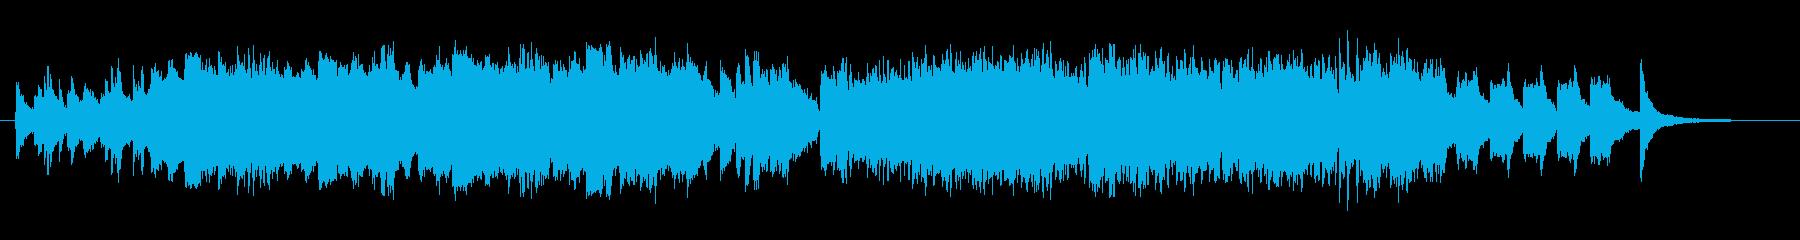 ピアノとストリングス、ピッコロのインス…の再生済みの波形